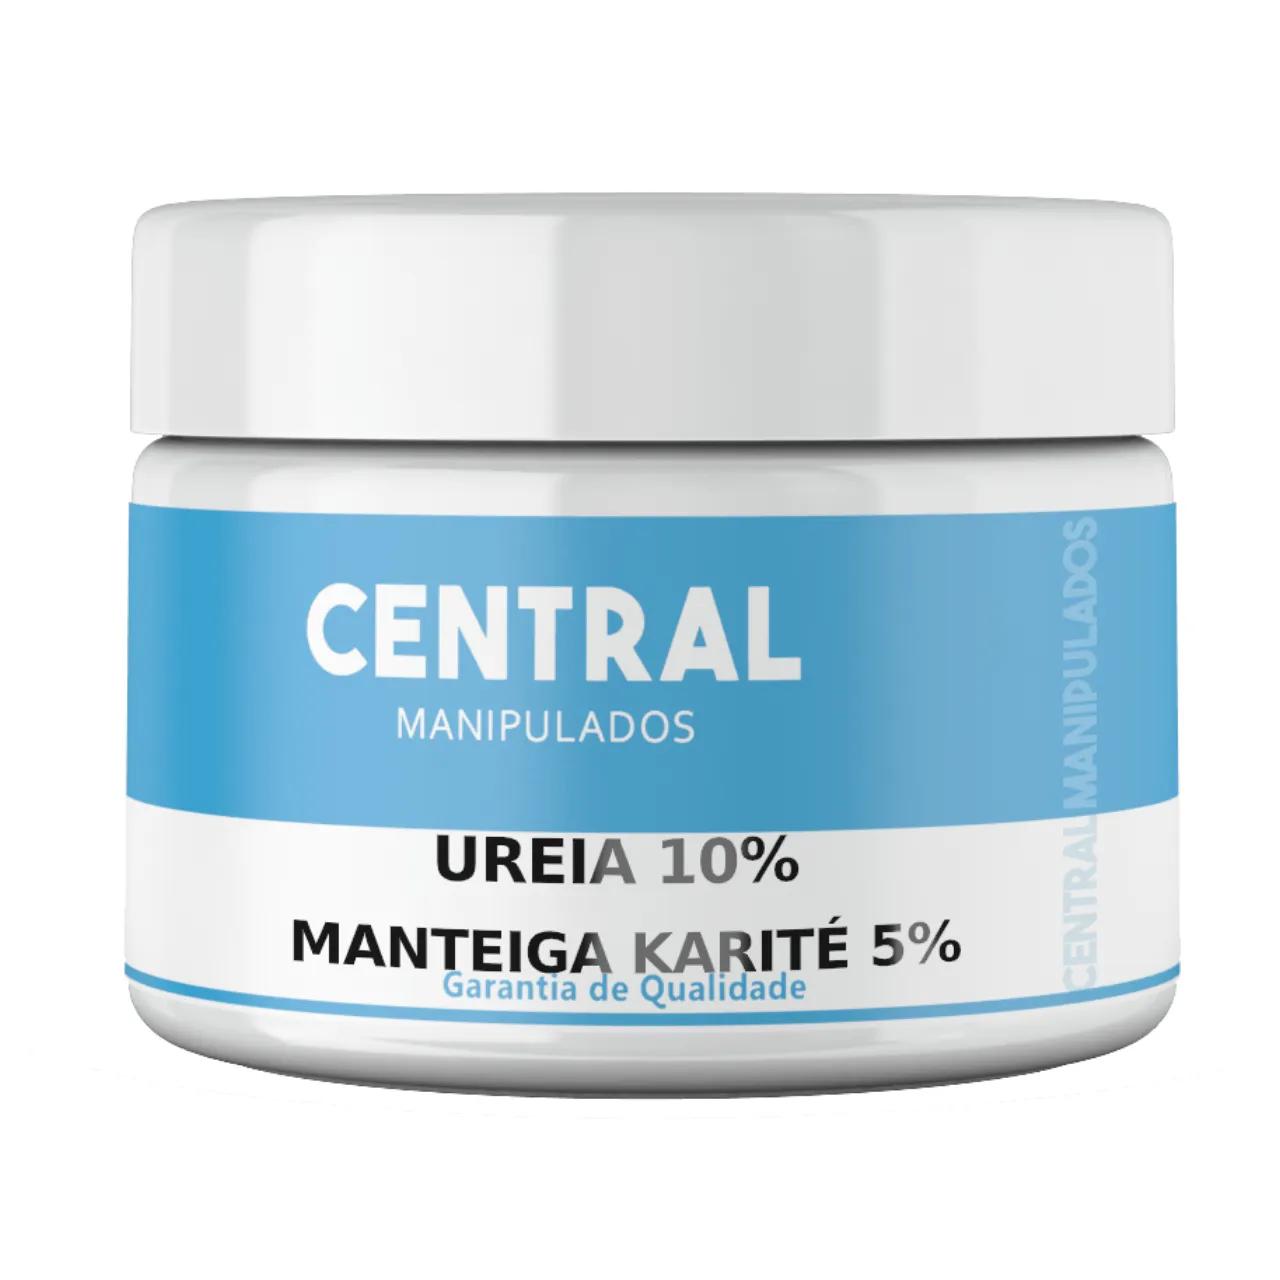 Creme Ureia 10% + Manteiga de Karité 5% + Glicerina 10% - 100gramas - Previne o Ressecamento, Antioxidante, Protege a Pele